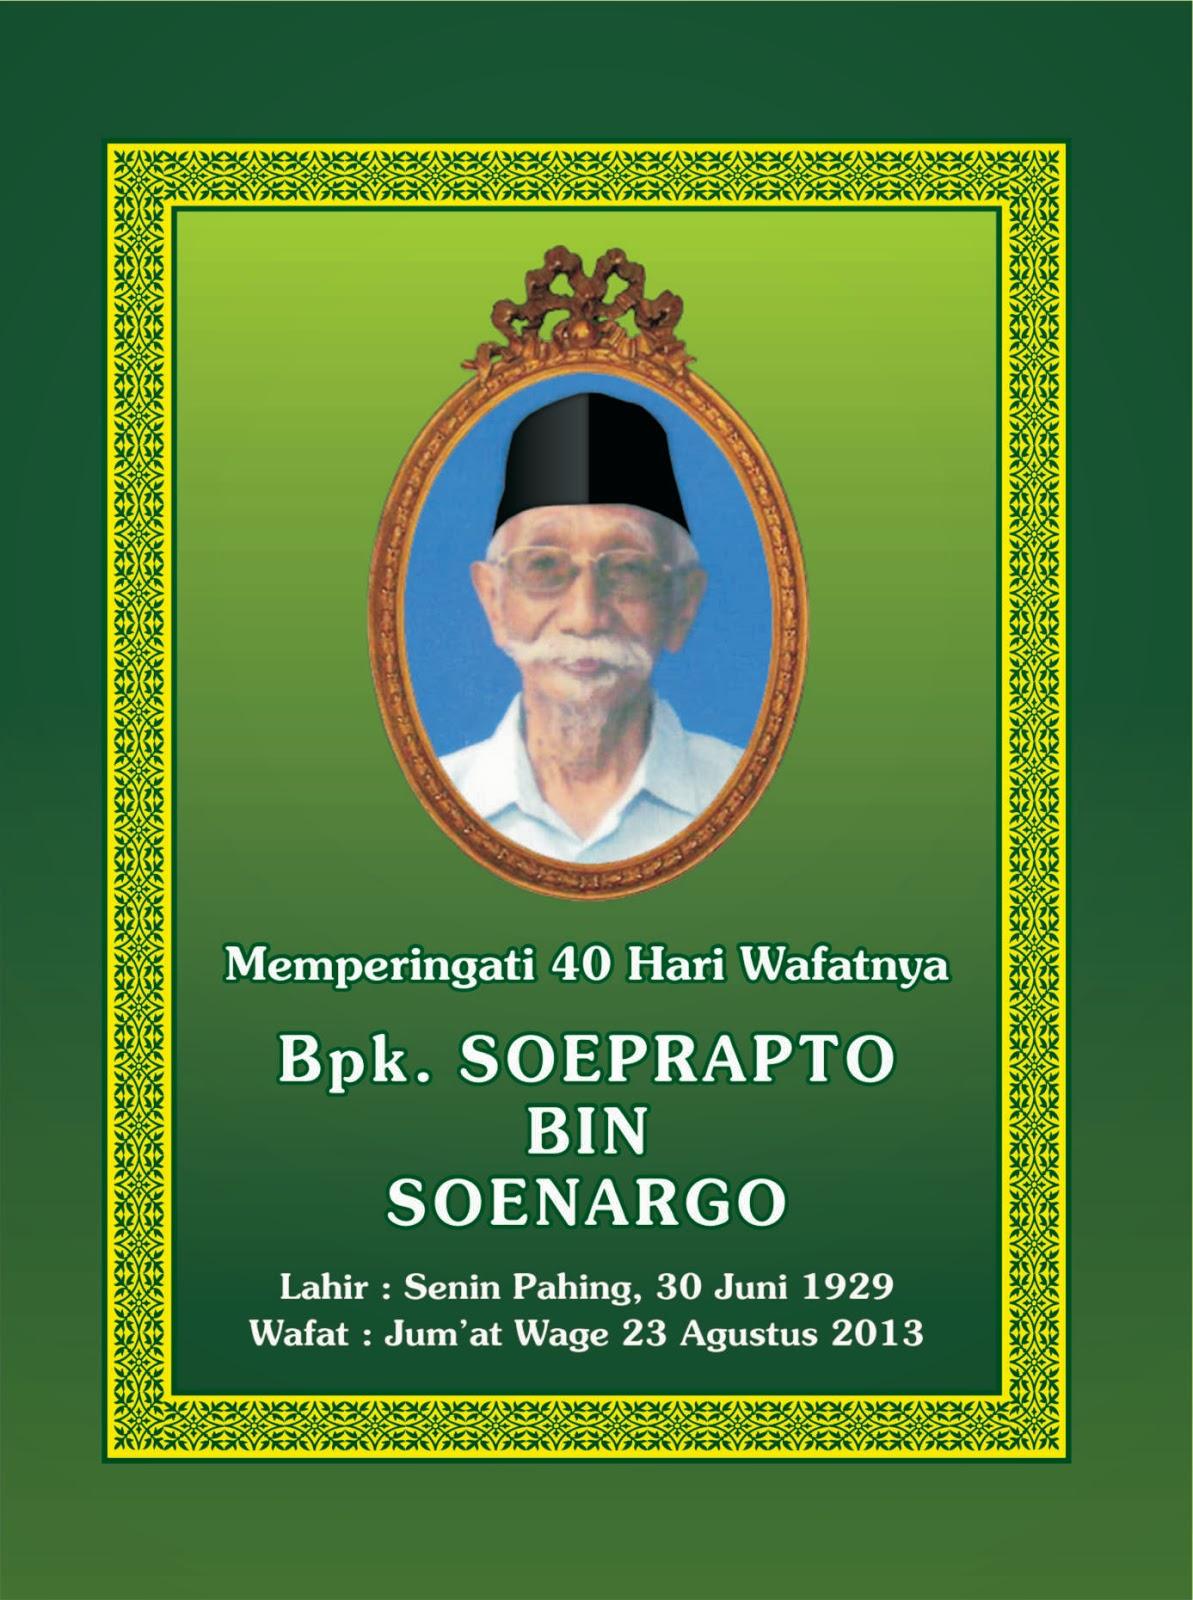 Cetak Buku Yasin di Surabaya - Percetakan Kreasi Langit